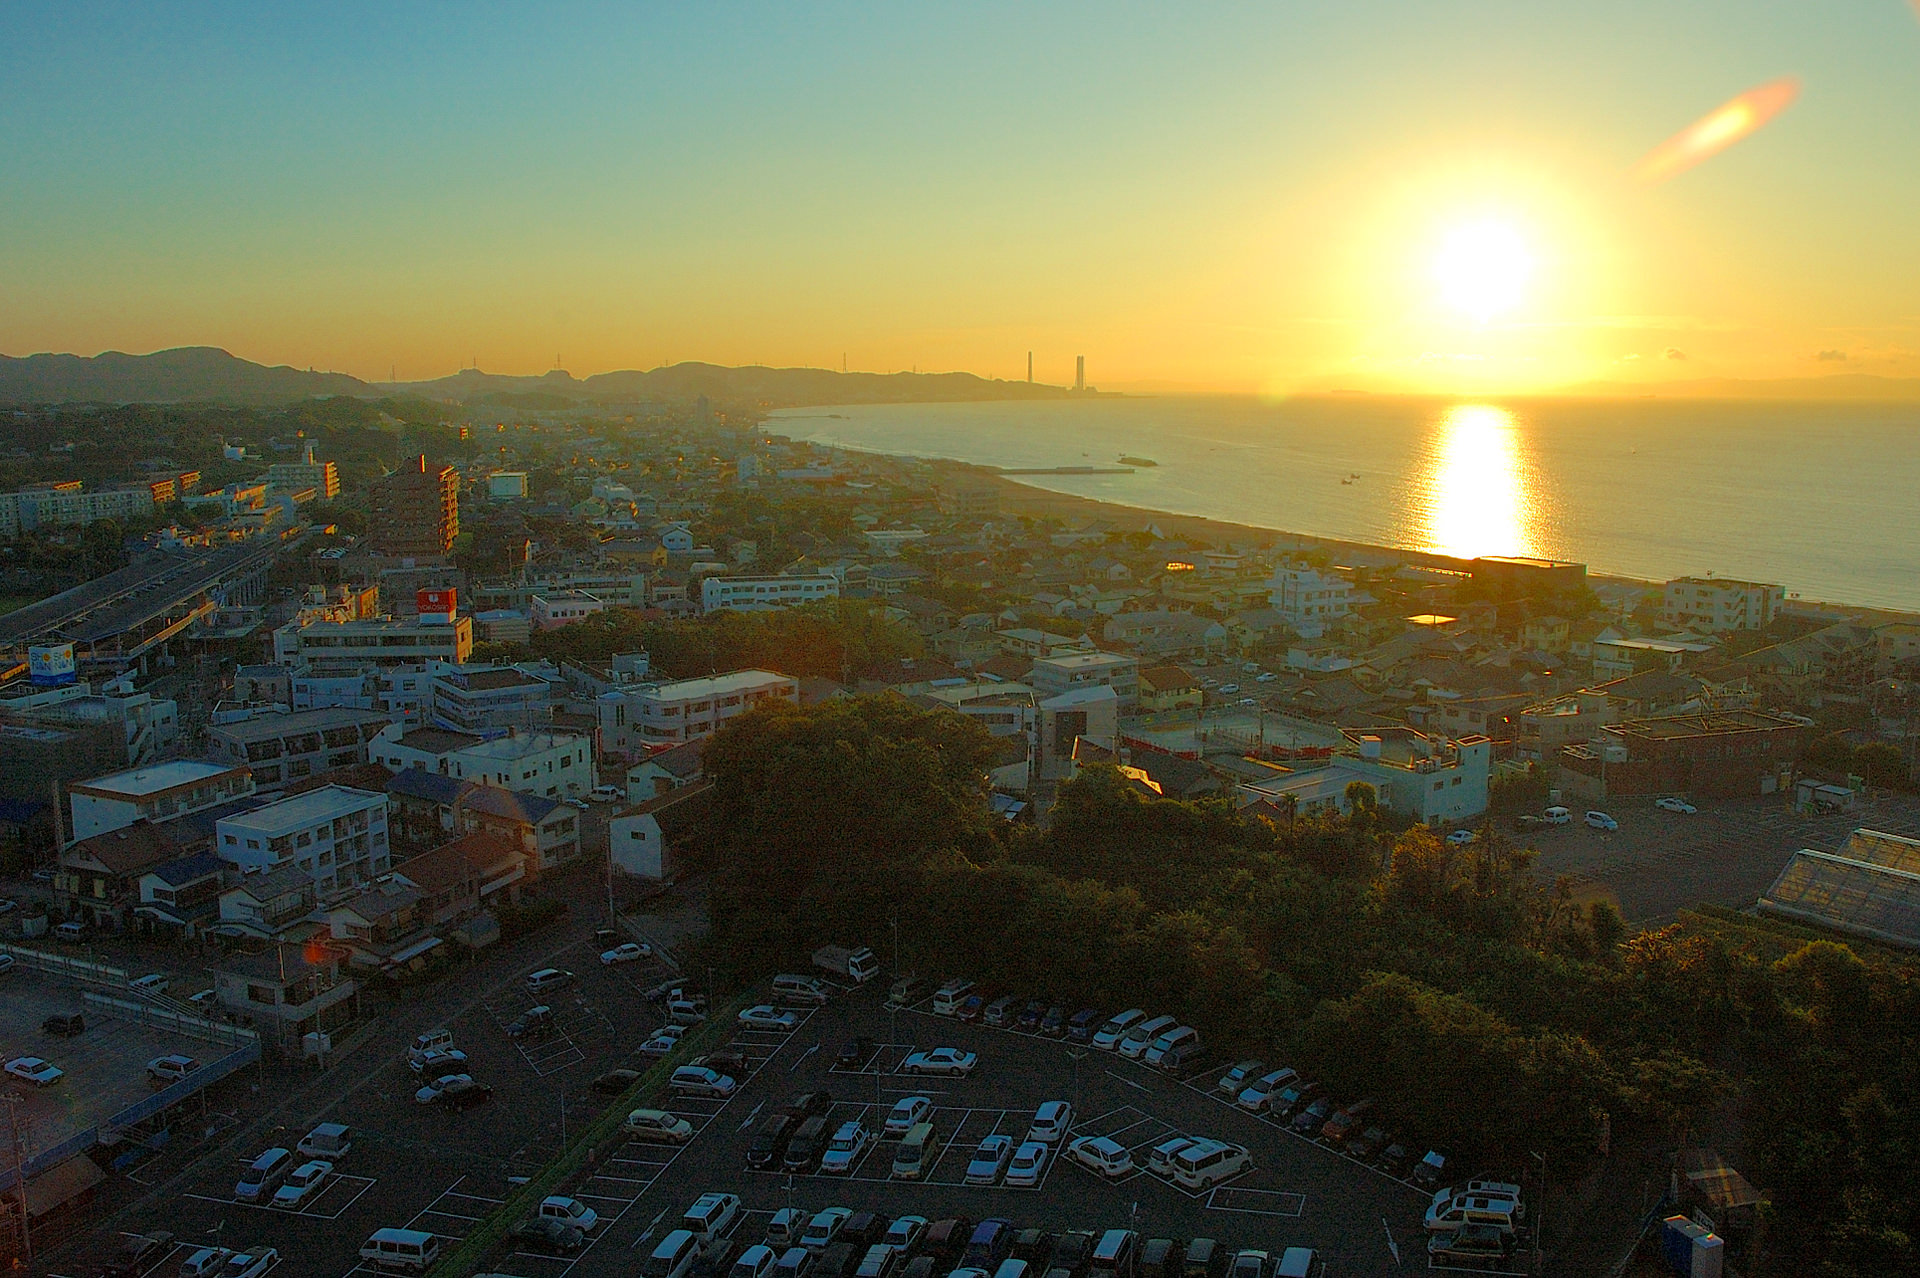 客室から臨める東京湾から昇る黄金の朝陽